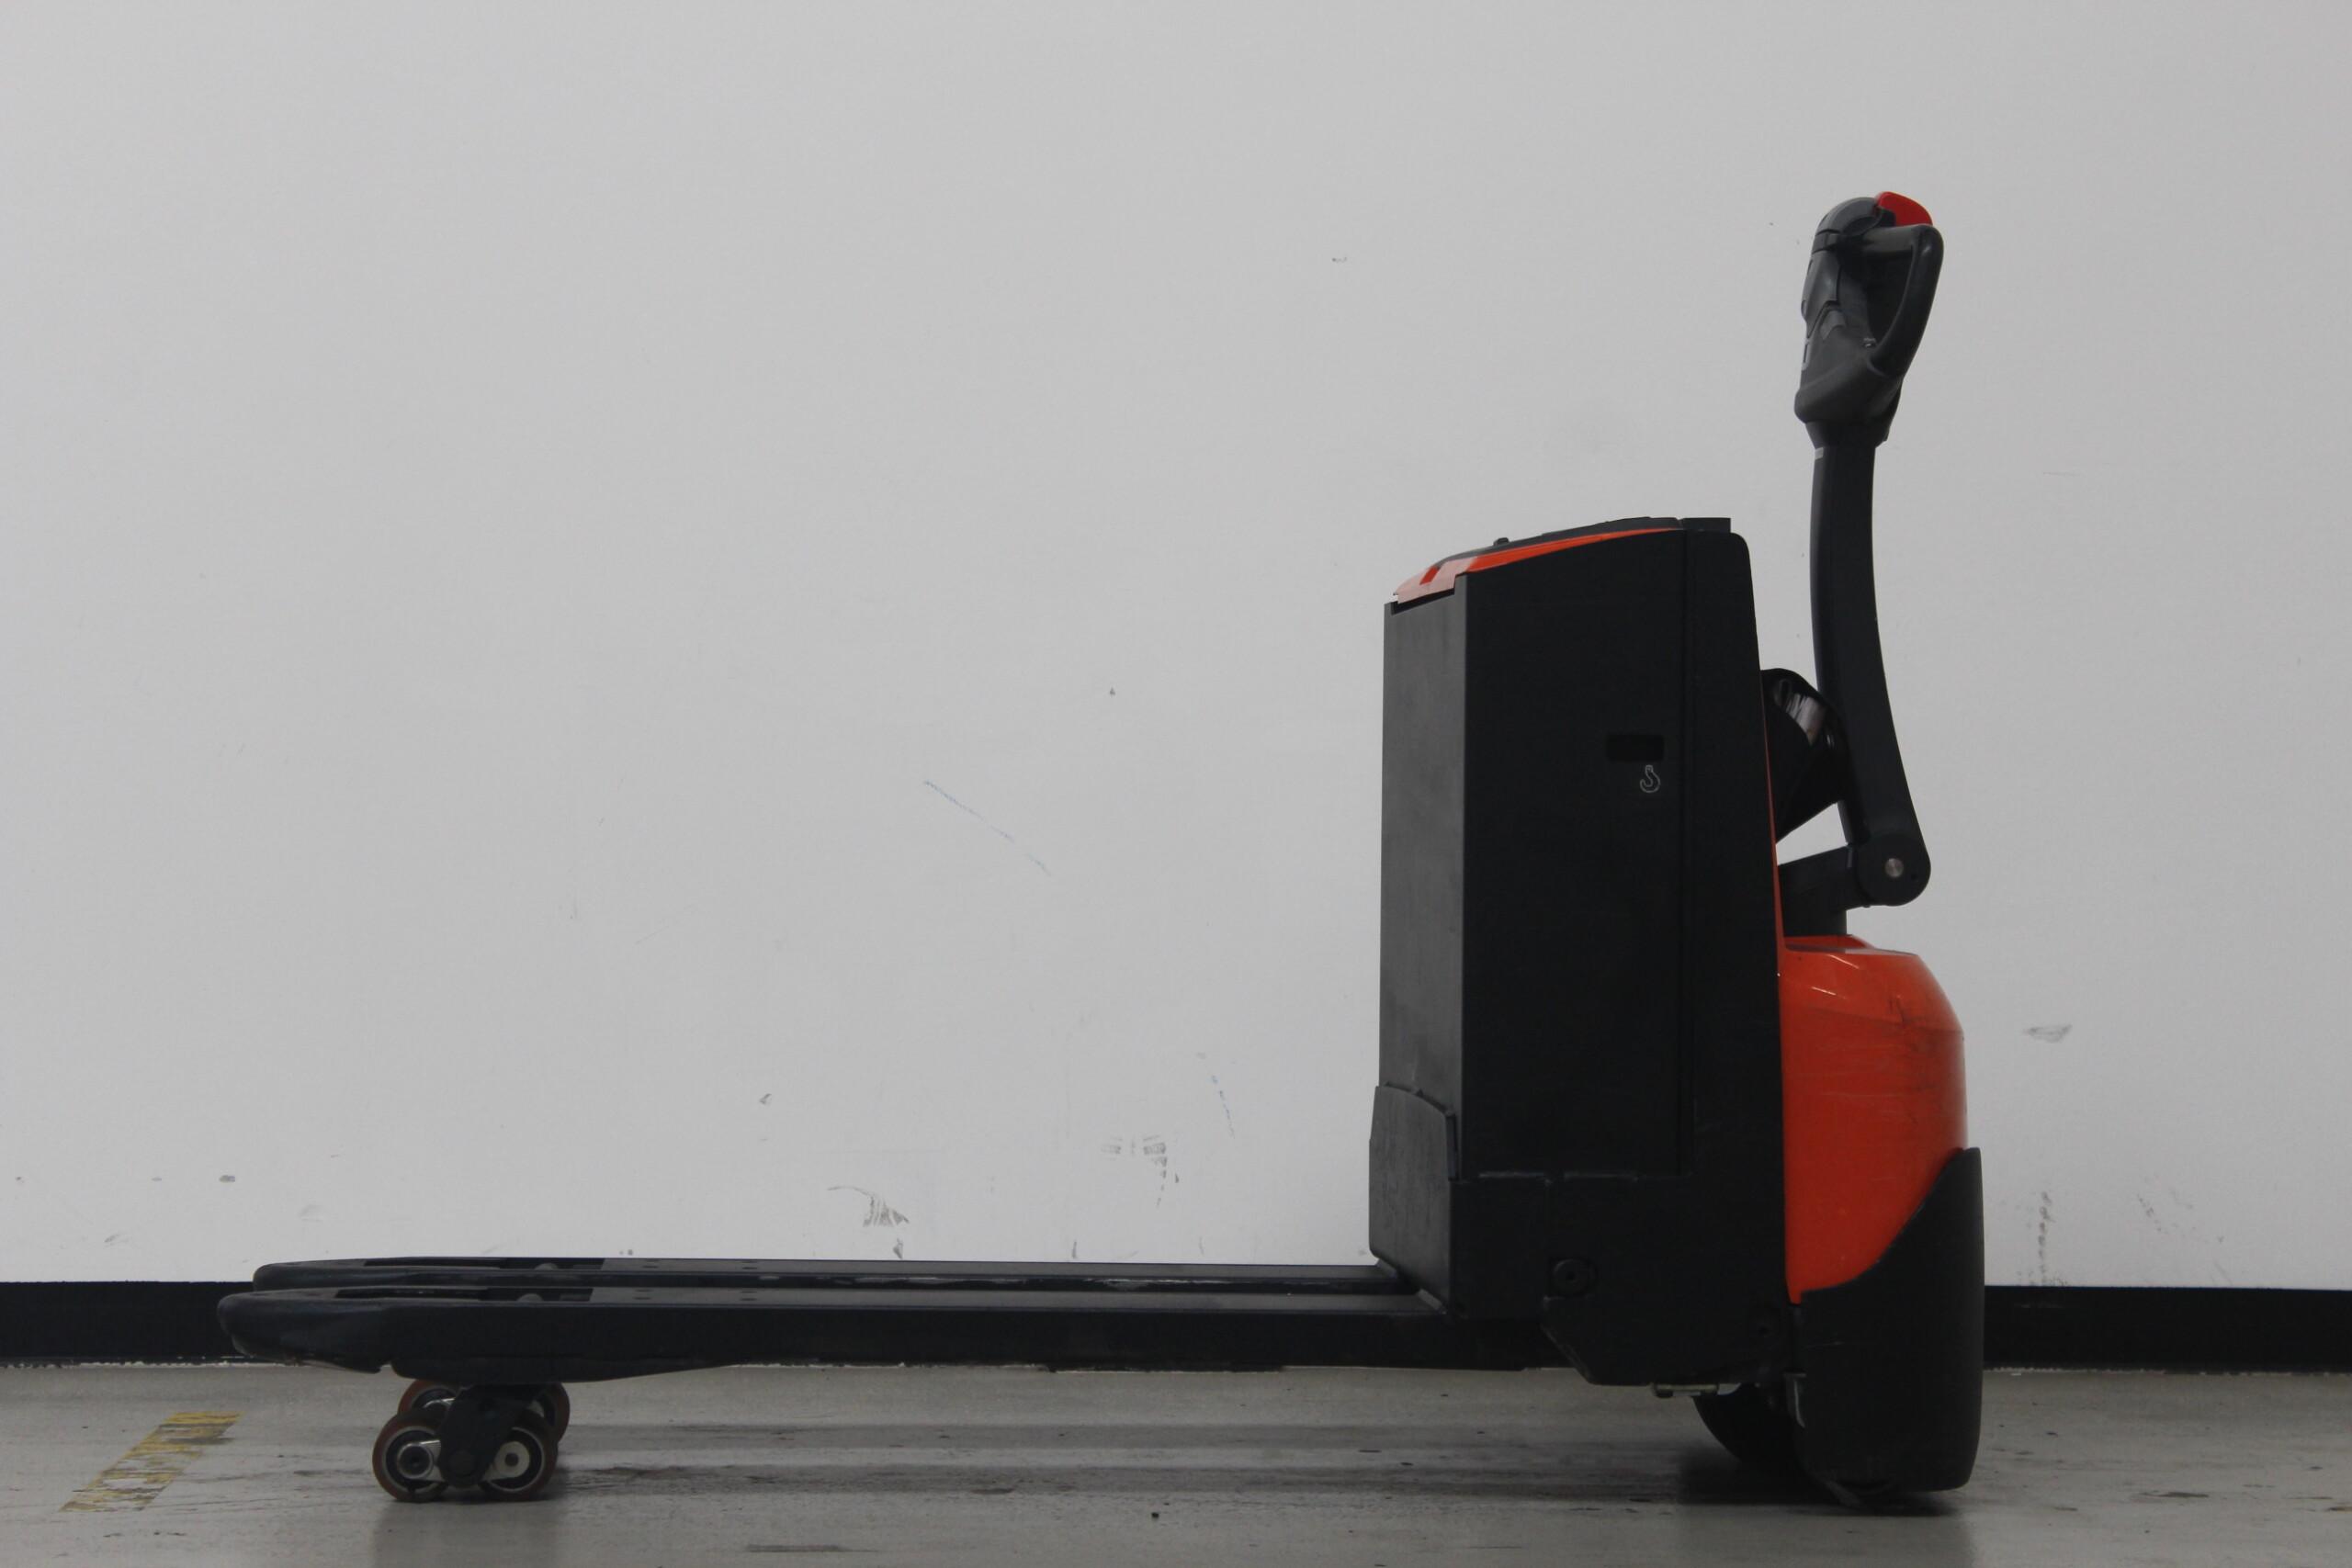 Toyota-Gabelstapler-59840 1810020980 1 74 scaled